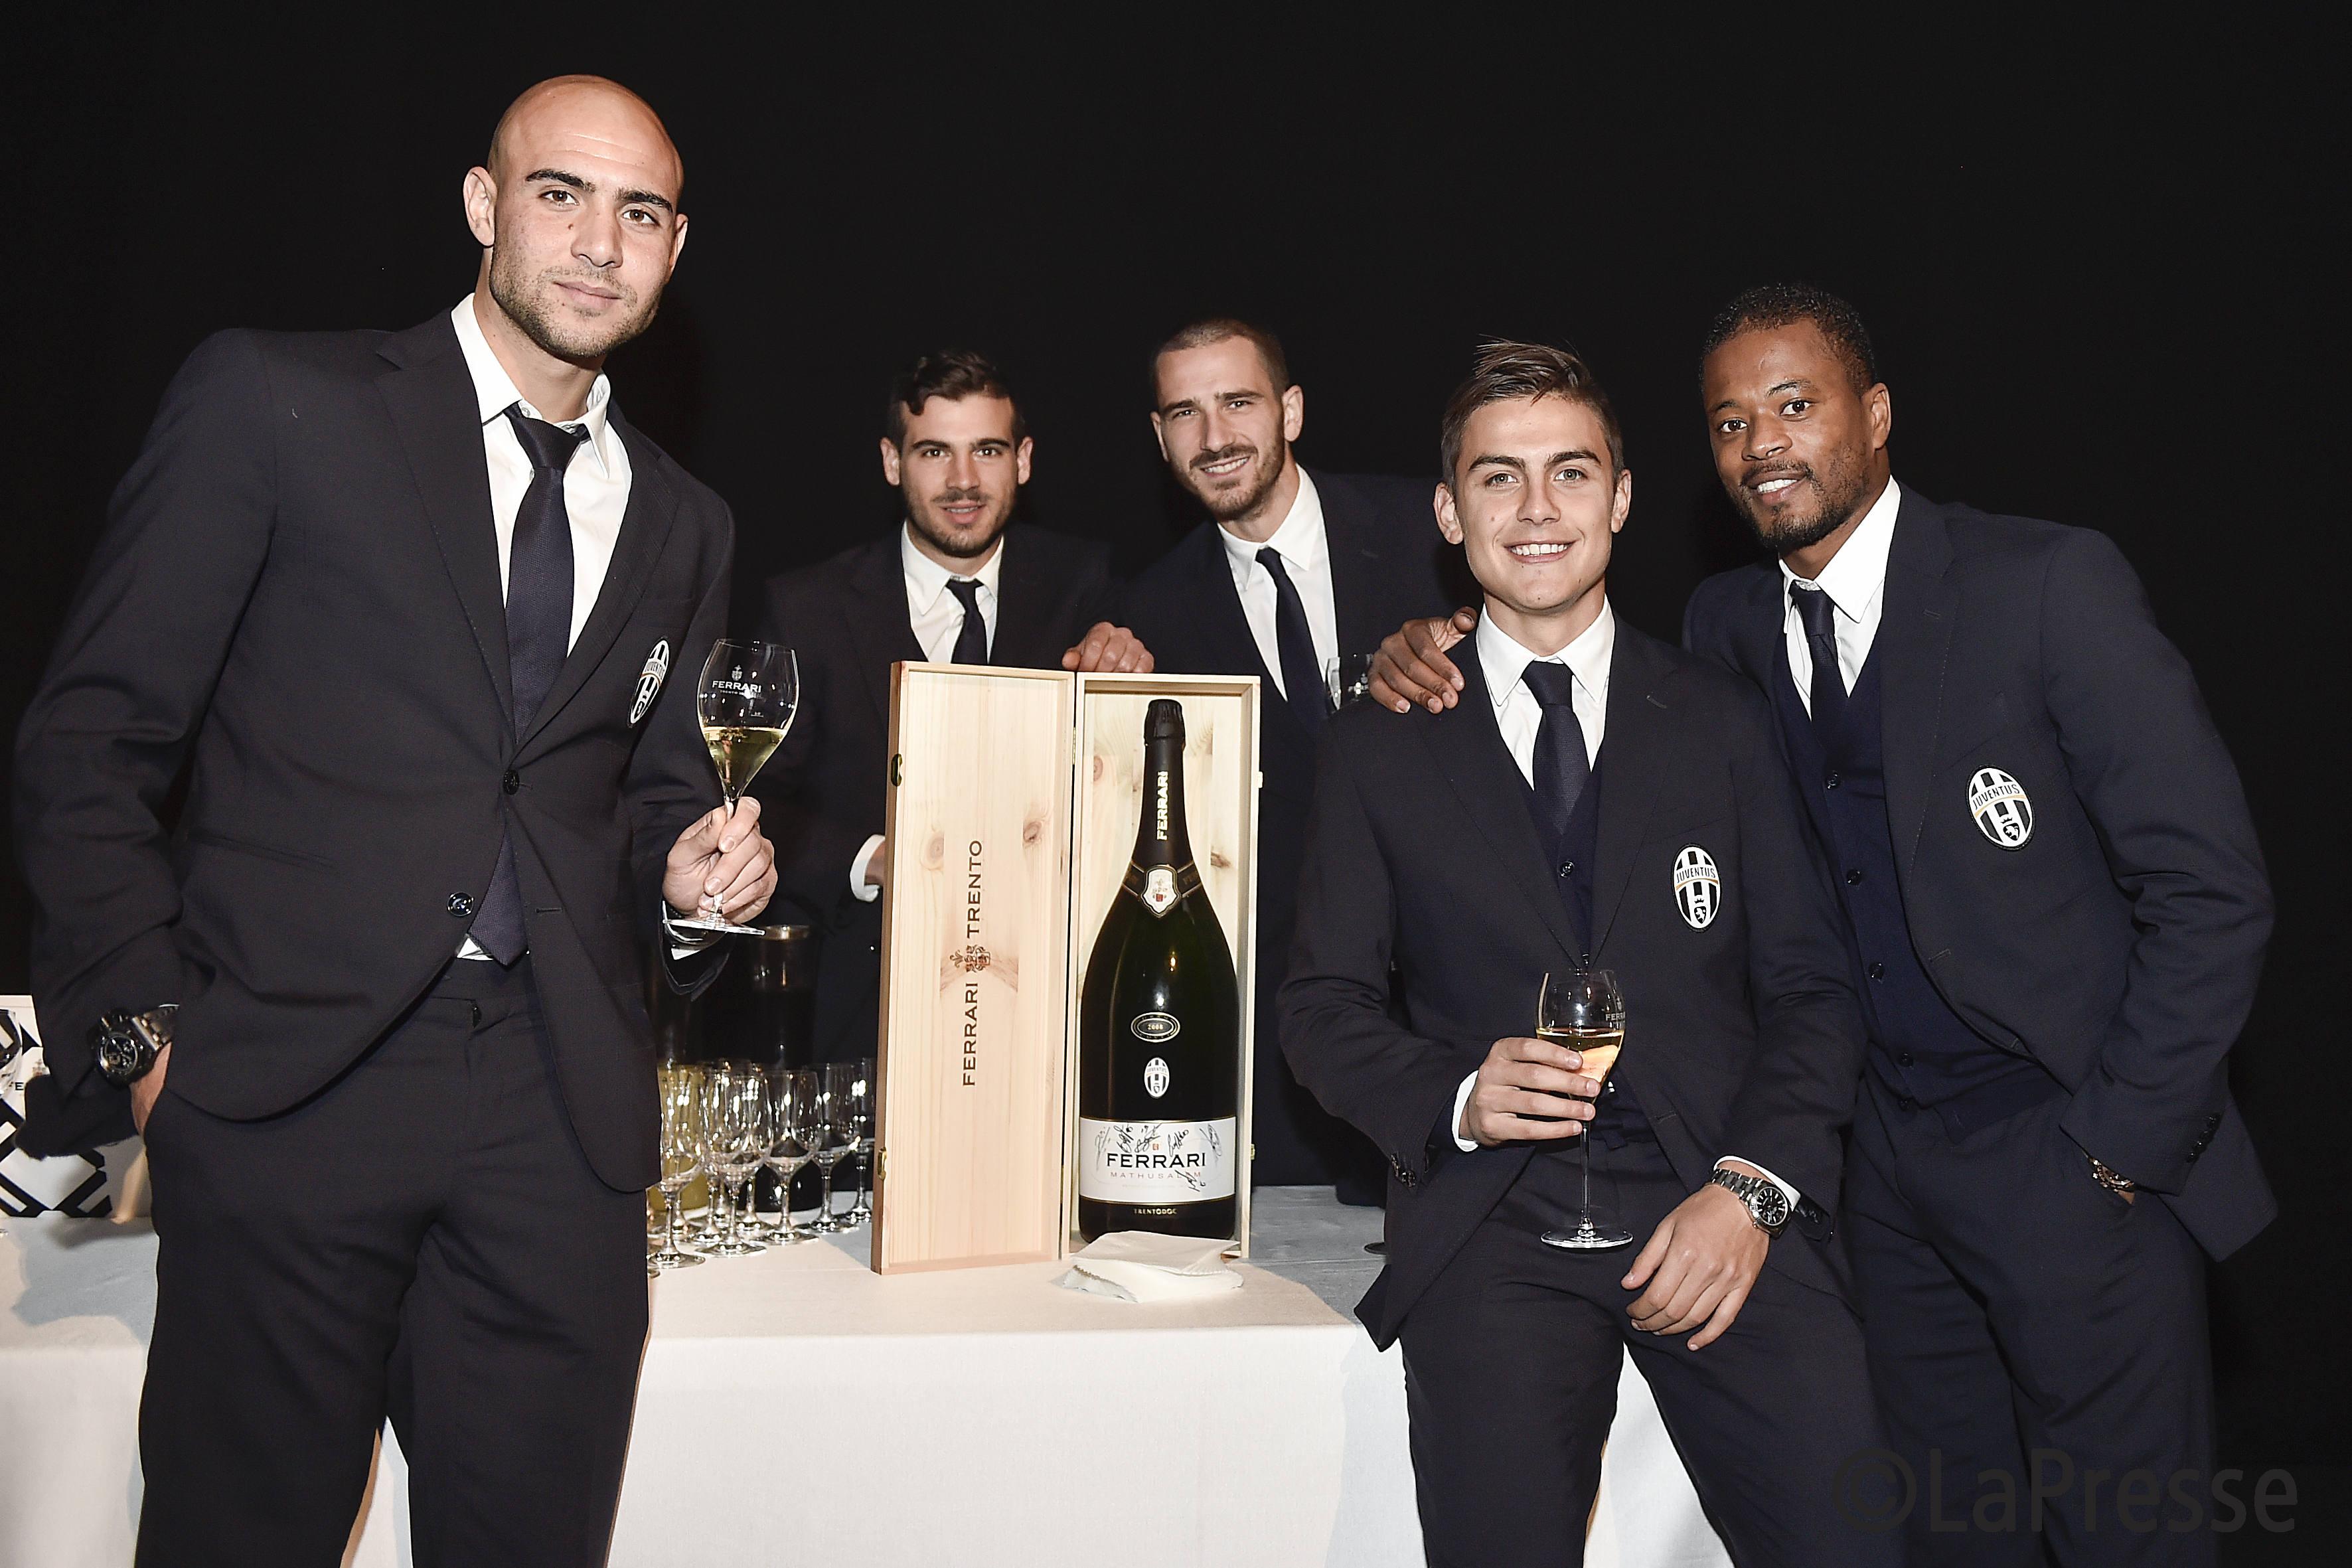 Cantine Ferrari e Juventus